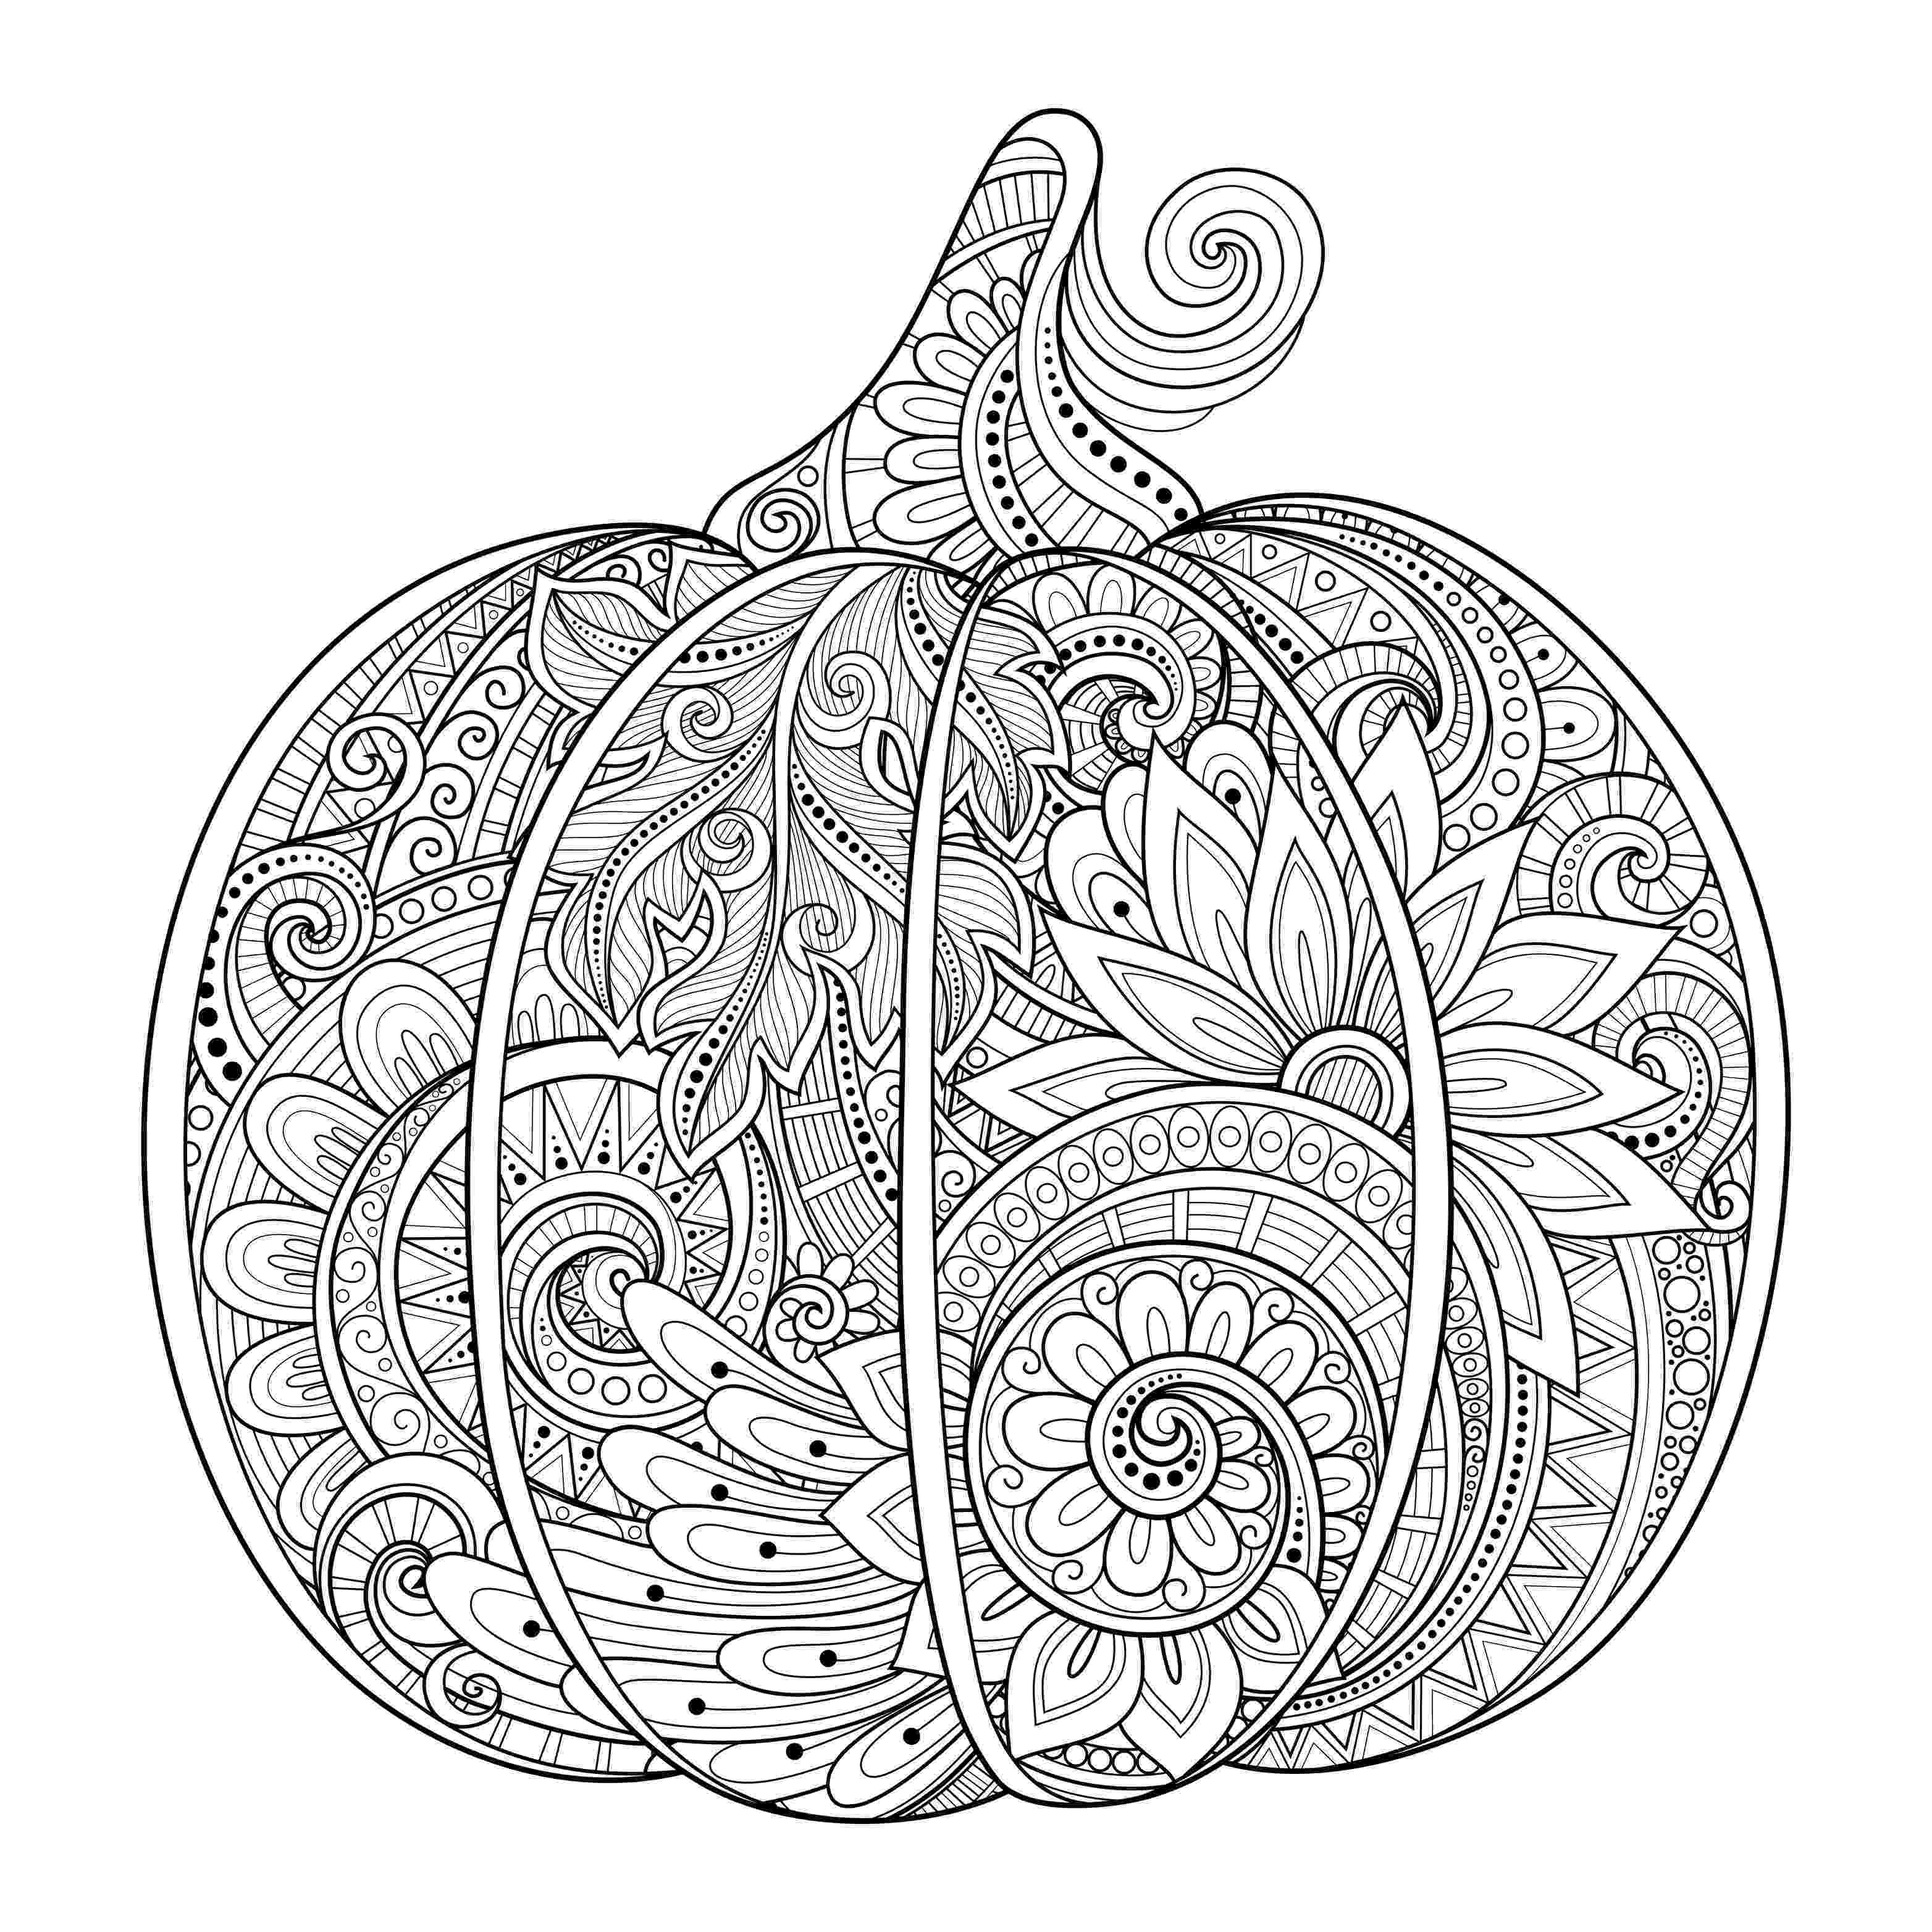 coloring pages for adults halloween beautiful halloween pumpkin zentangle irinarivoruchko pages adults for halloween coloring